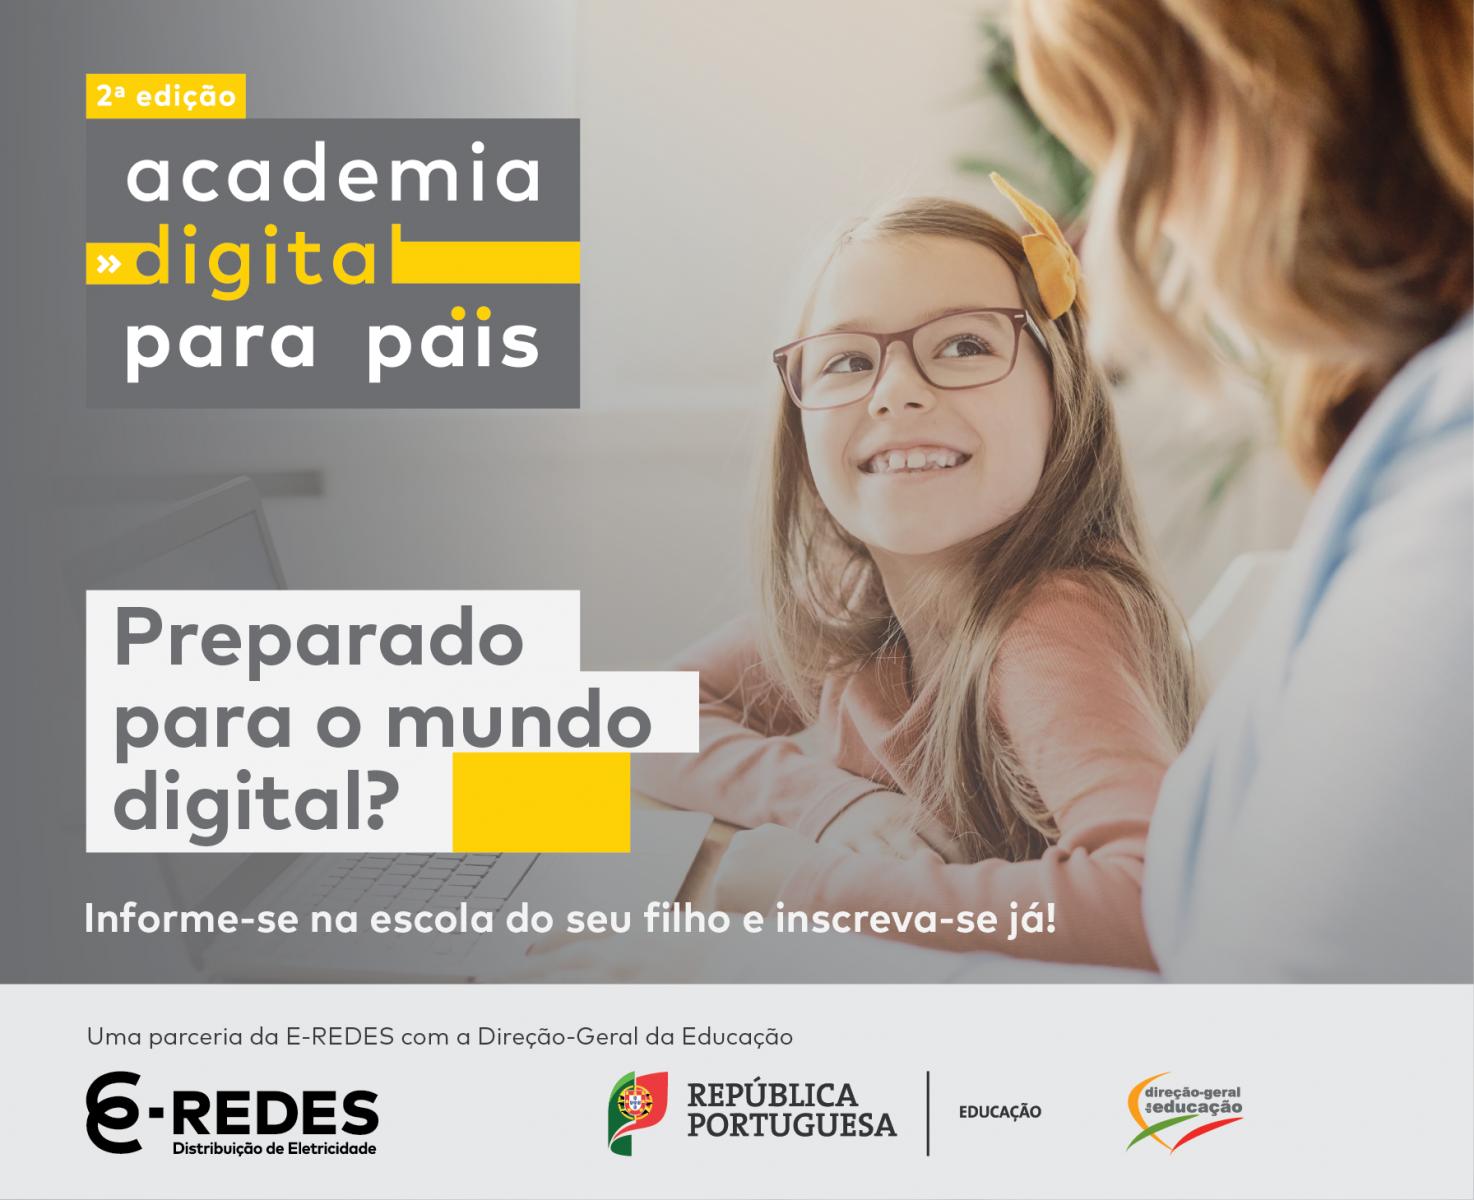 Academia Digital para Pais